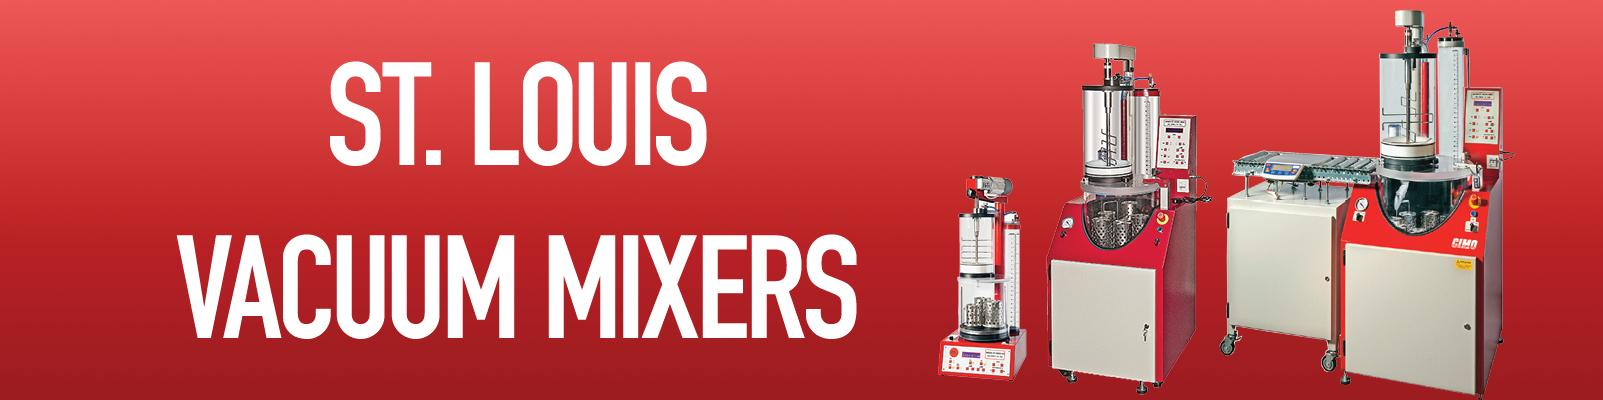 Vacuum Mixers